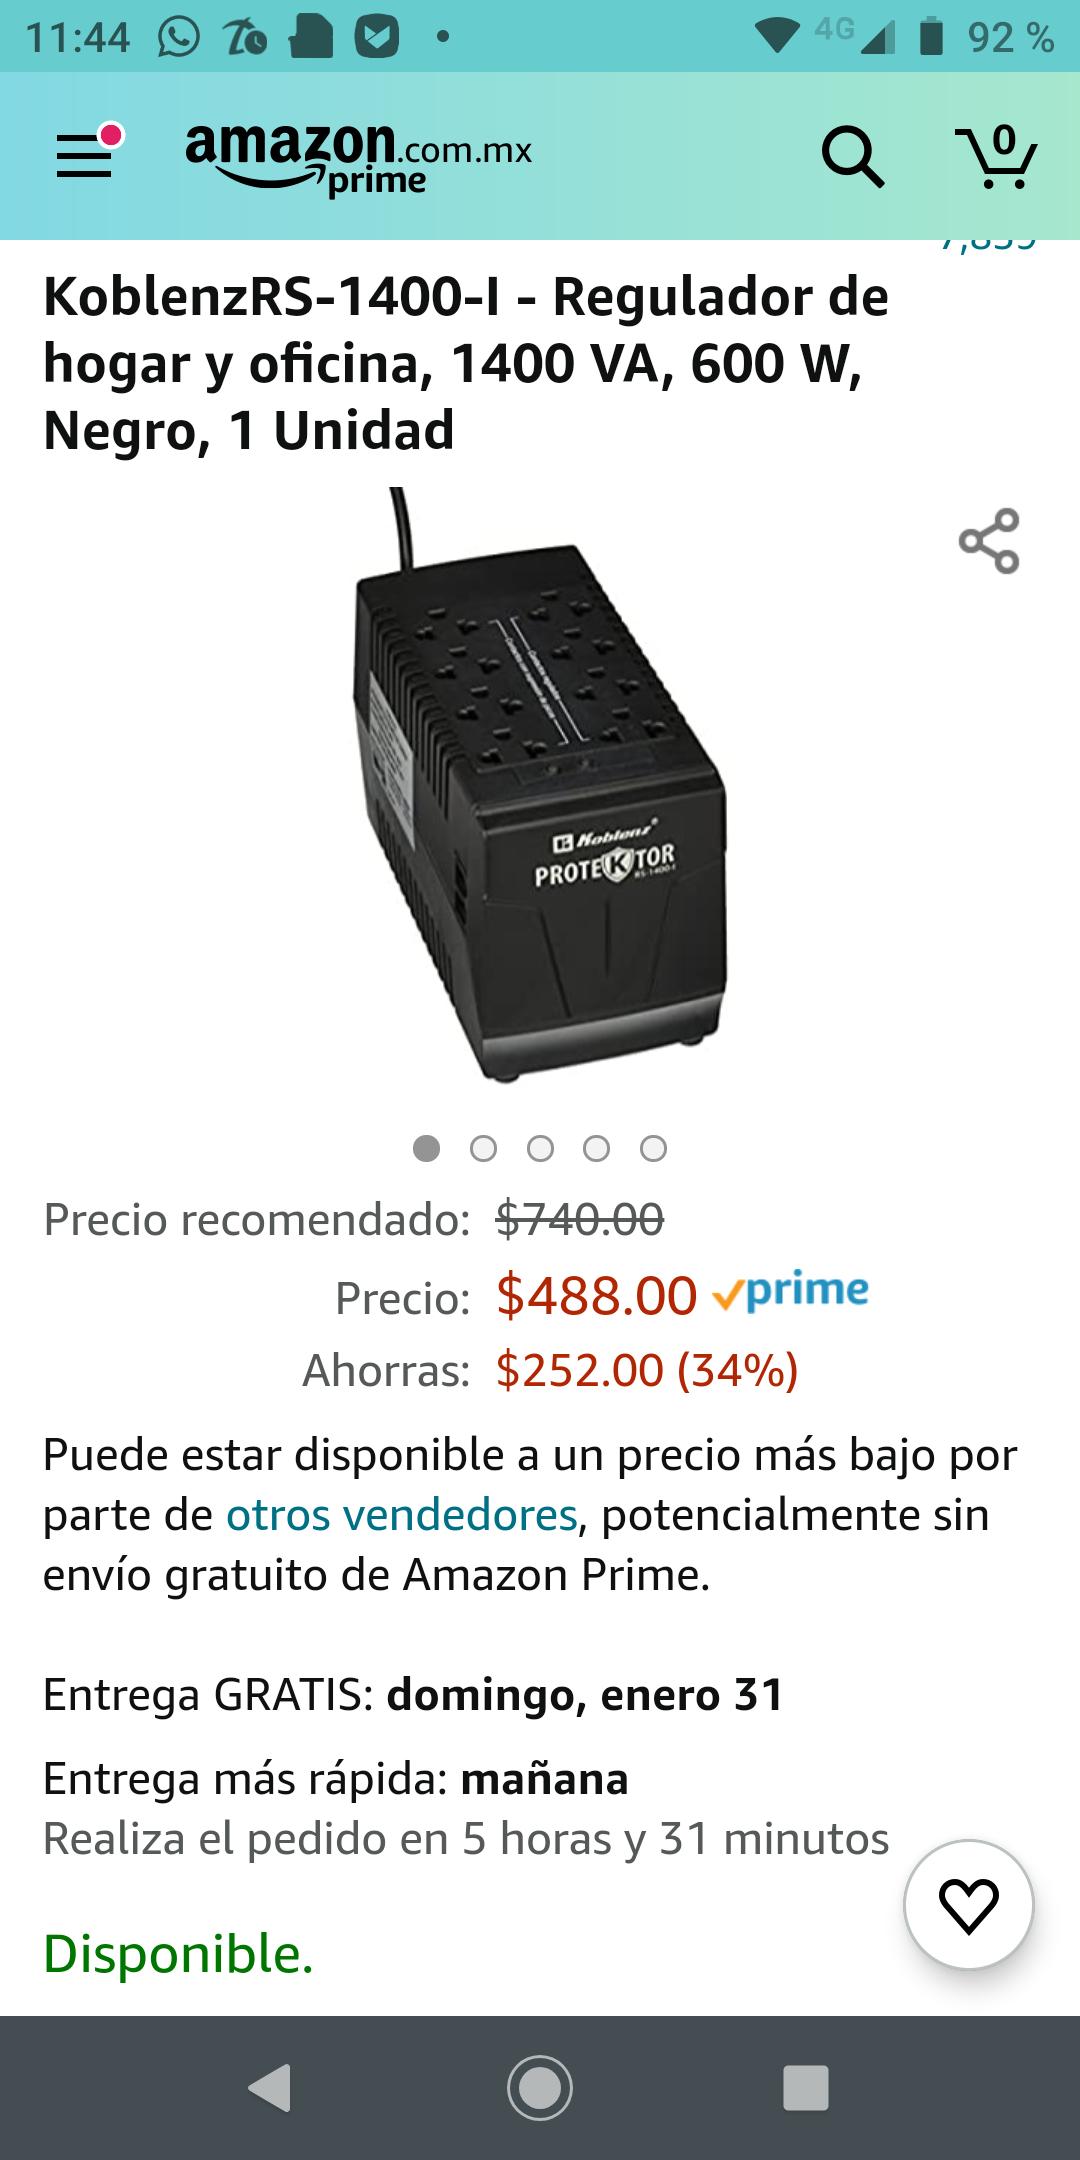 Amazon: KoblenzRS-1400-I - Regulador de hogar y oficina, 1400 VA, 600 W, Negro, 1 Unidad Con envío gratis con prime